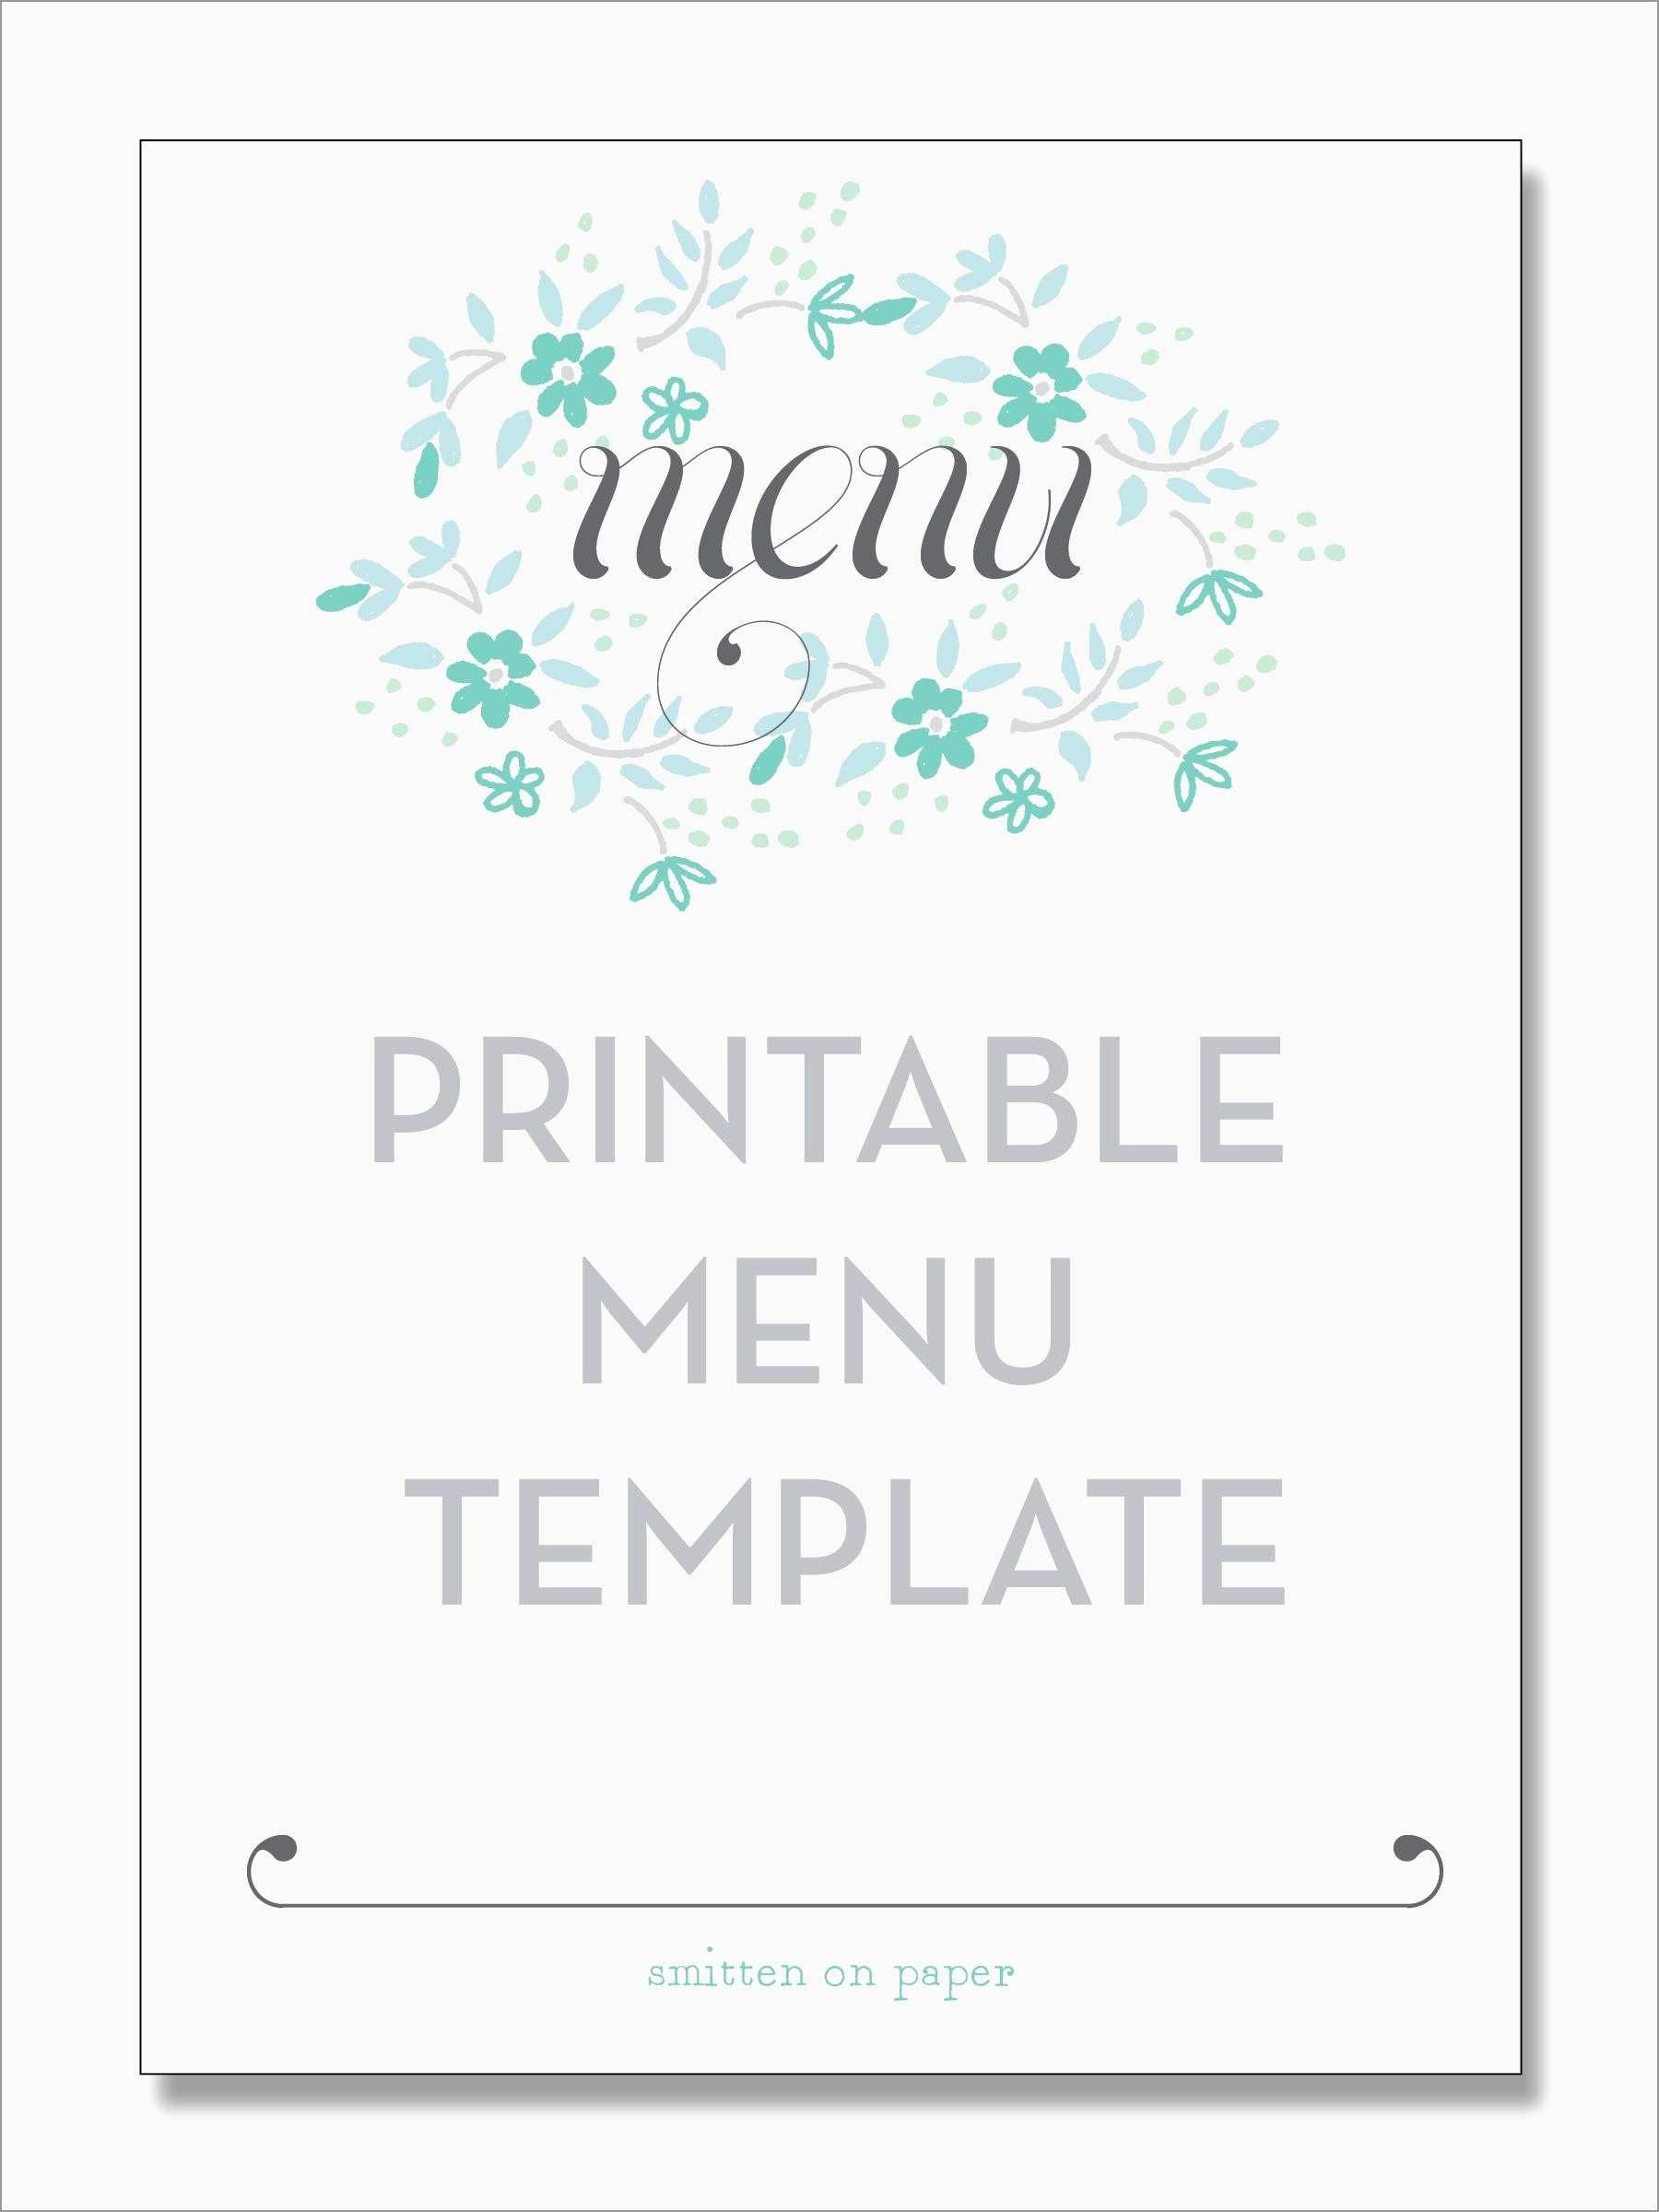 Dinner Menu Template Free Download Lovely Freebie Friday Printable In Free Printable Dinner Menu Template